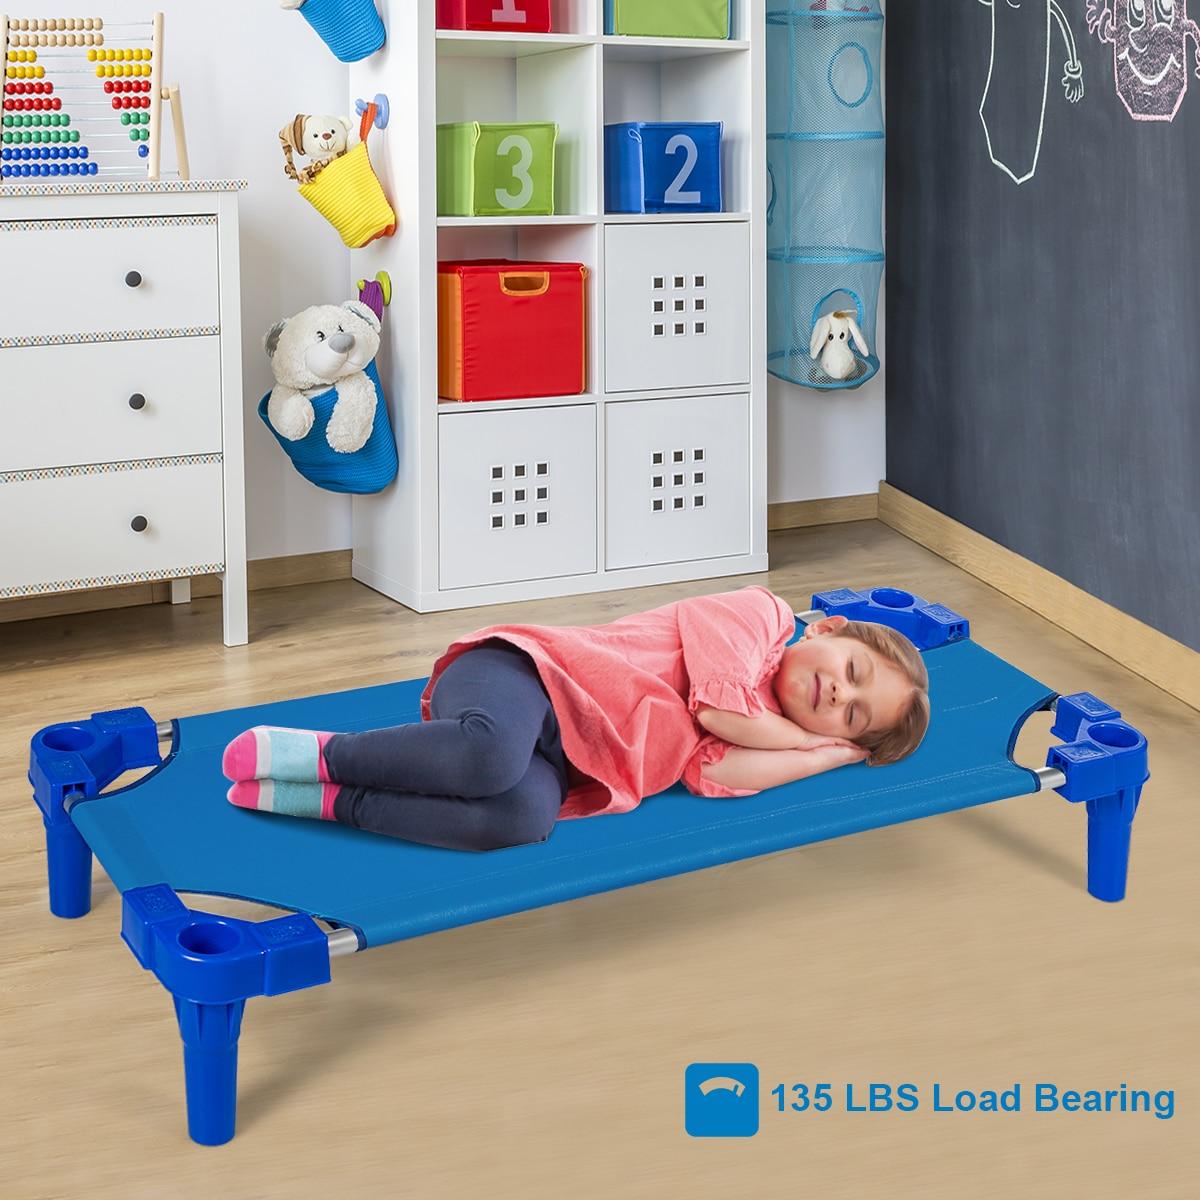 Pack of 6 Stackable Daycare Sleeping Cot Standard Toddler Kids Nap-time Rest enlarge